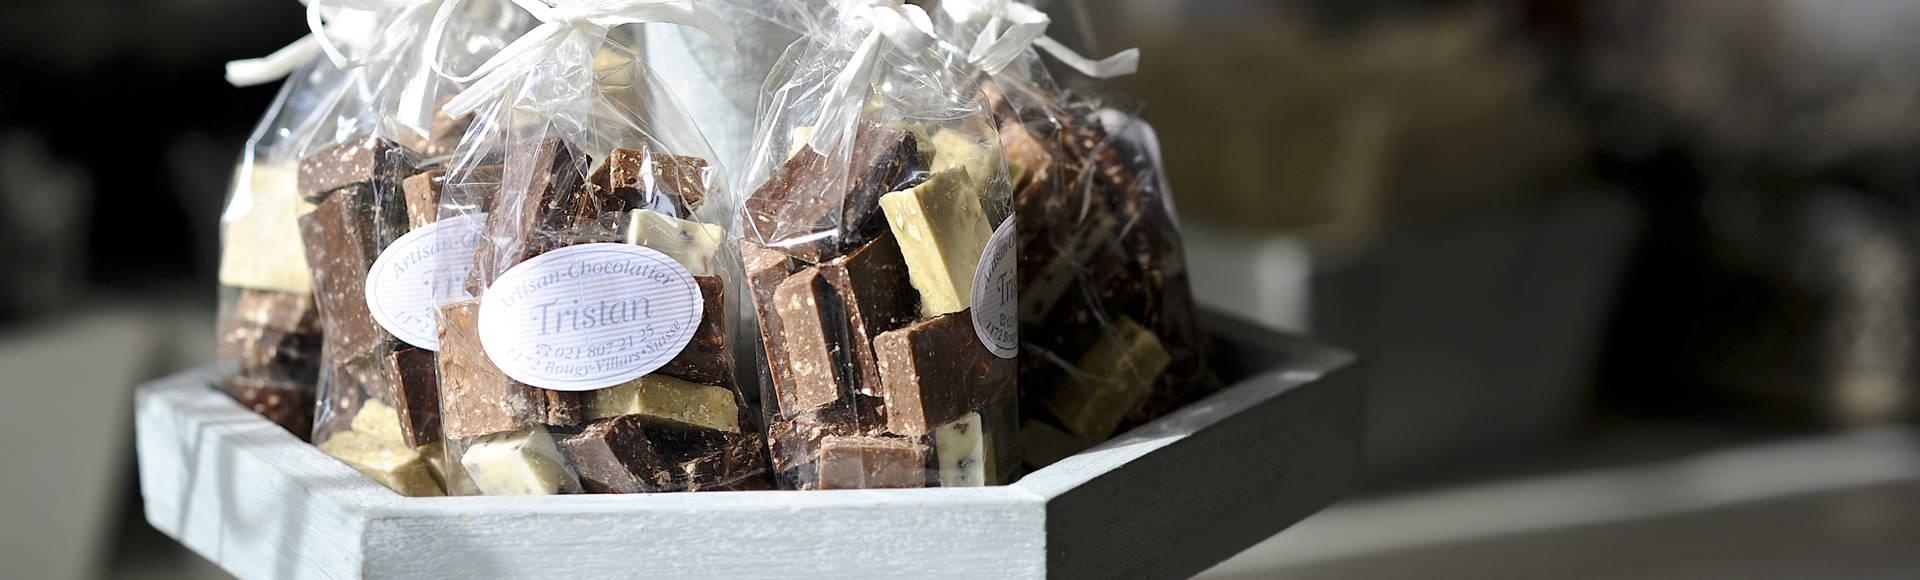 Tristan Chocolatier bannière 2